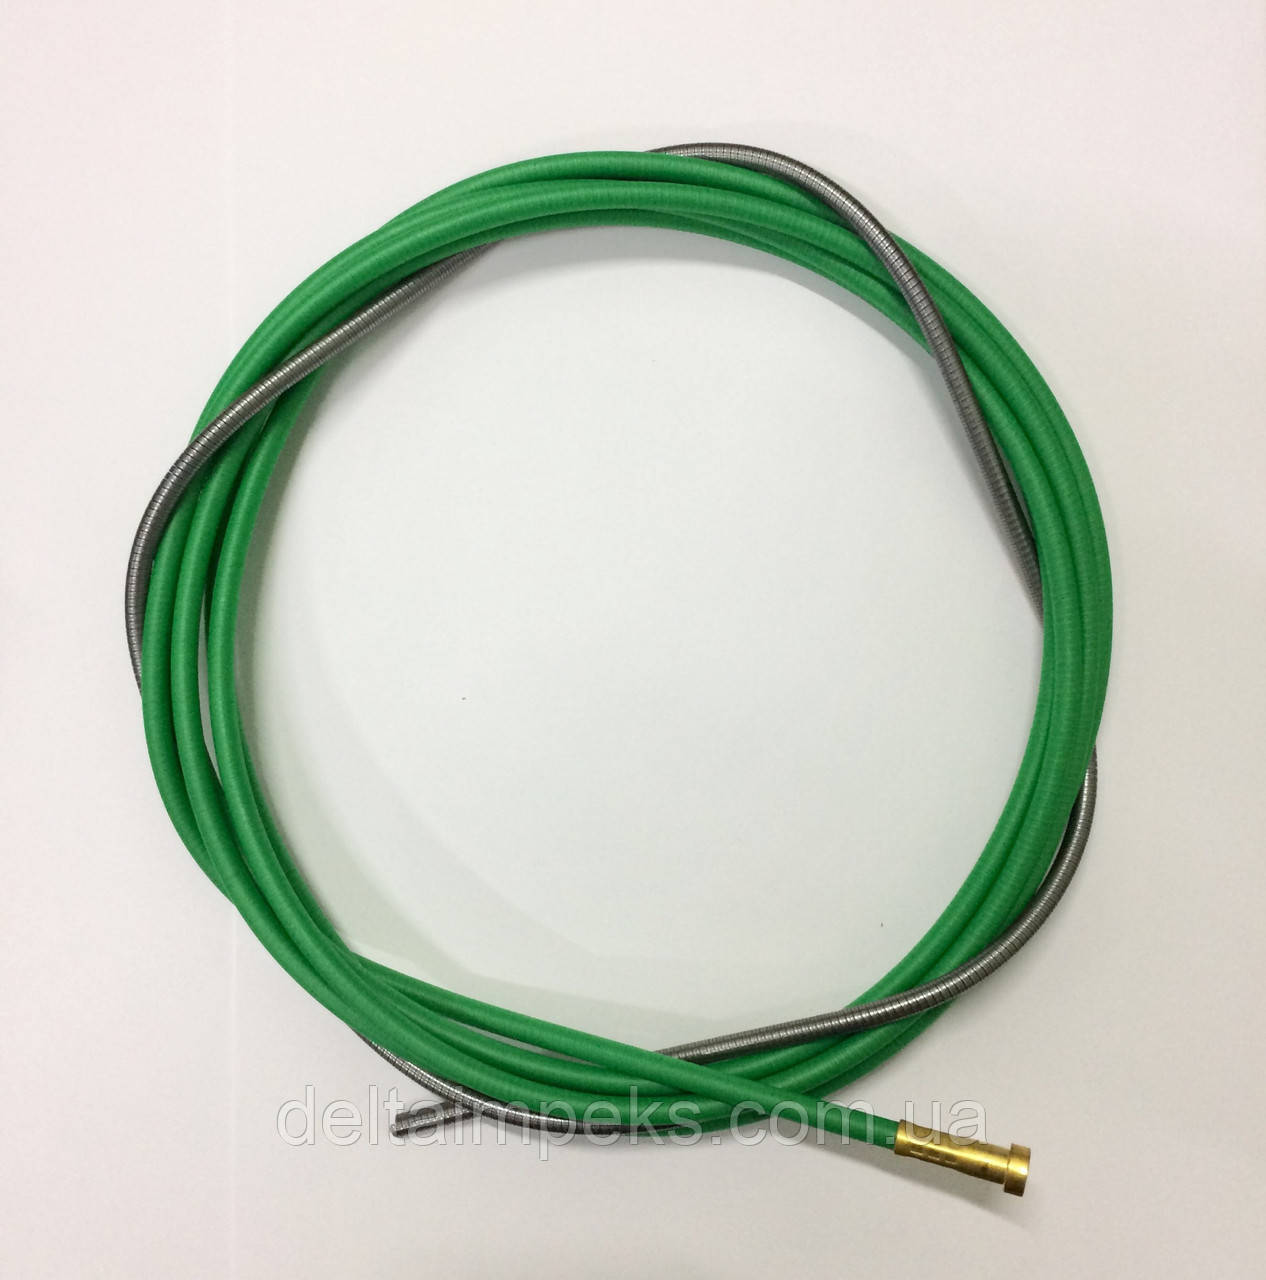 Спираль подающая зеленая 4м, боуден 3,0/5,0/440 Binzel